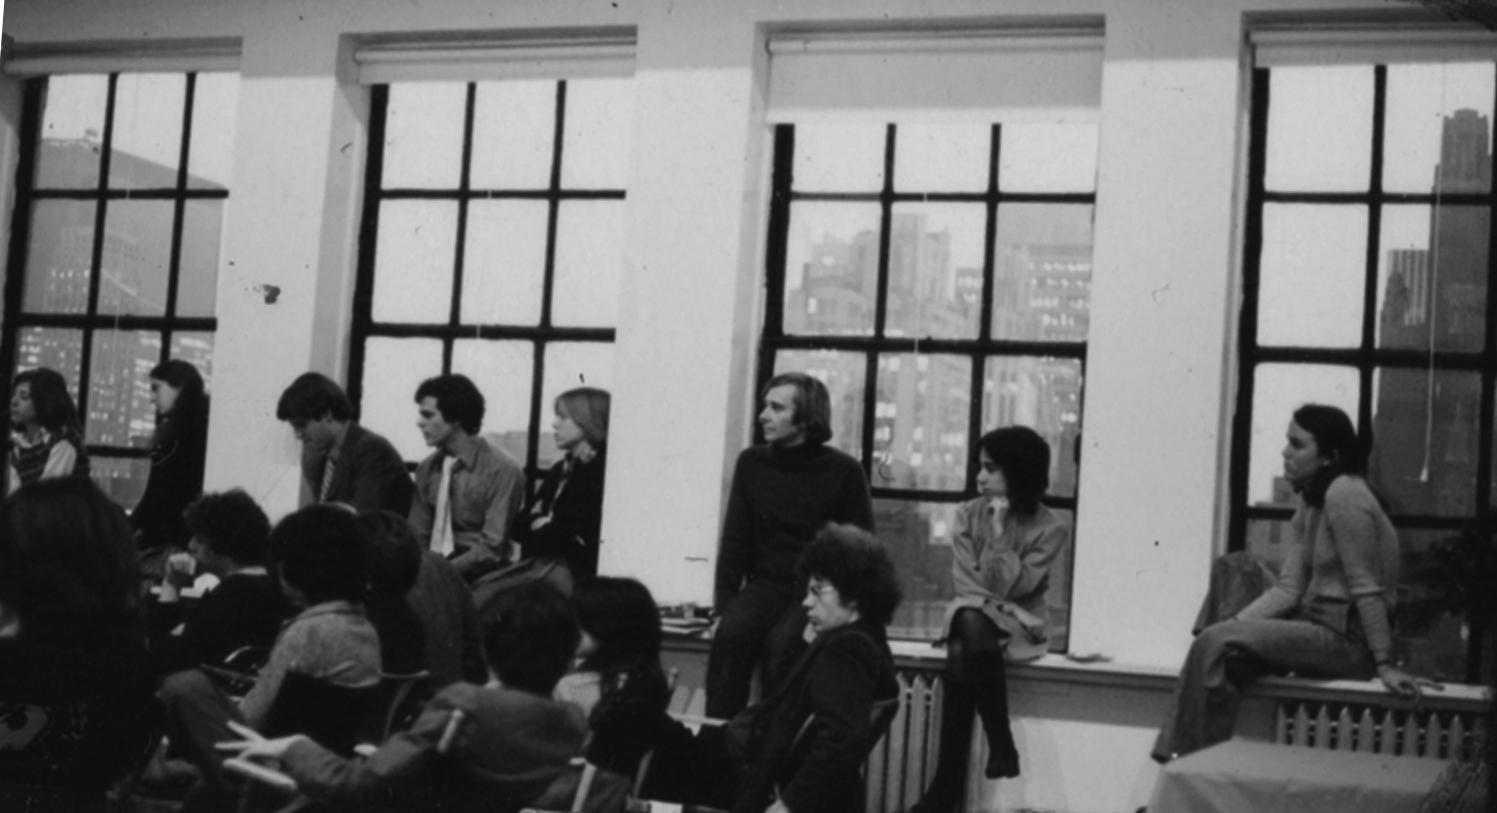 Students, public forum